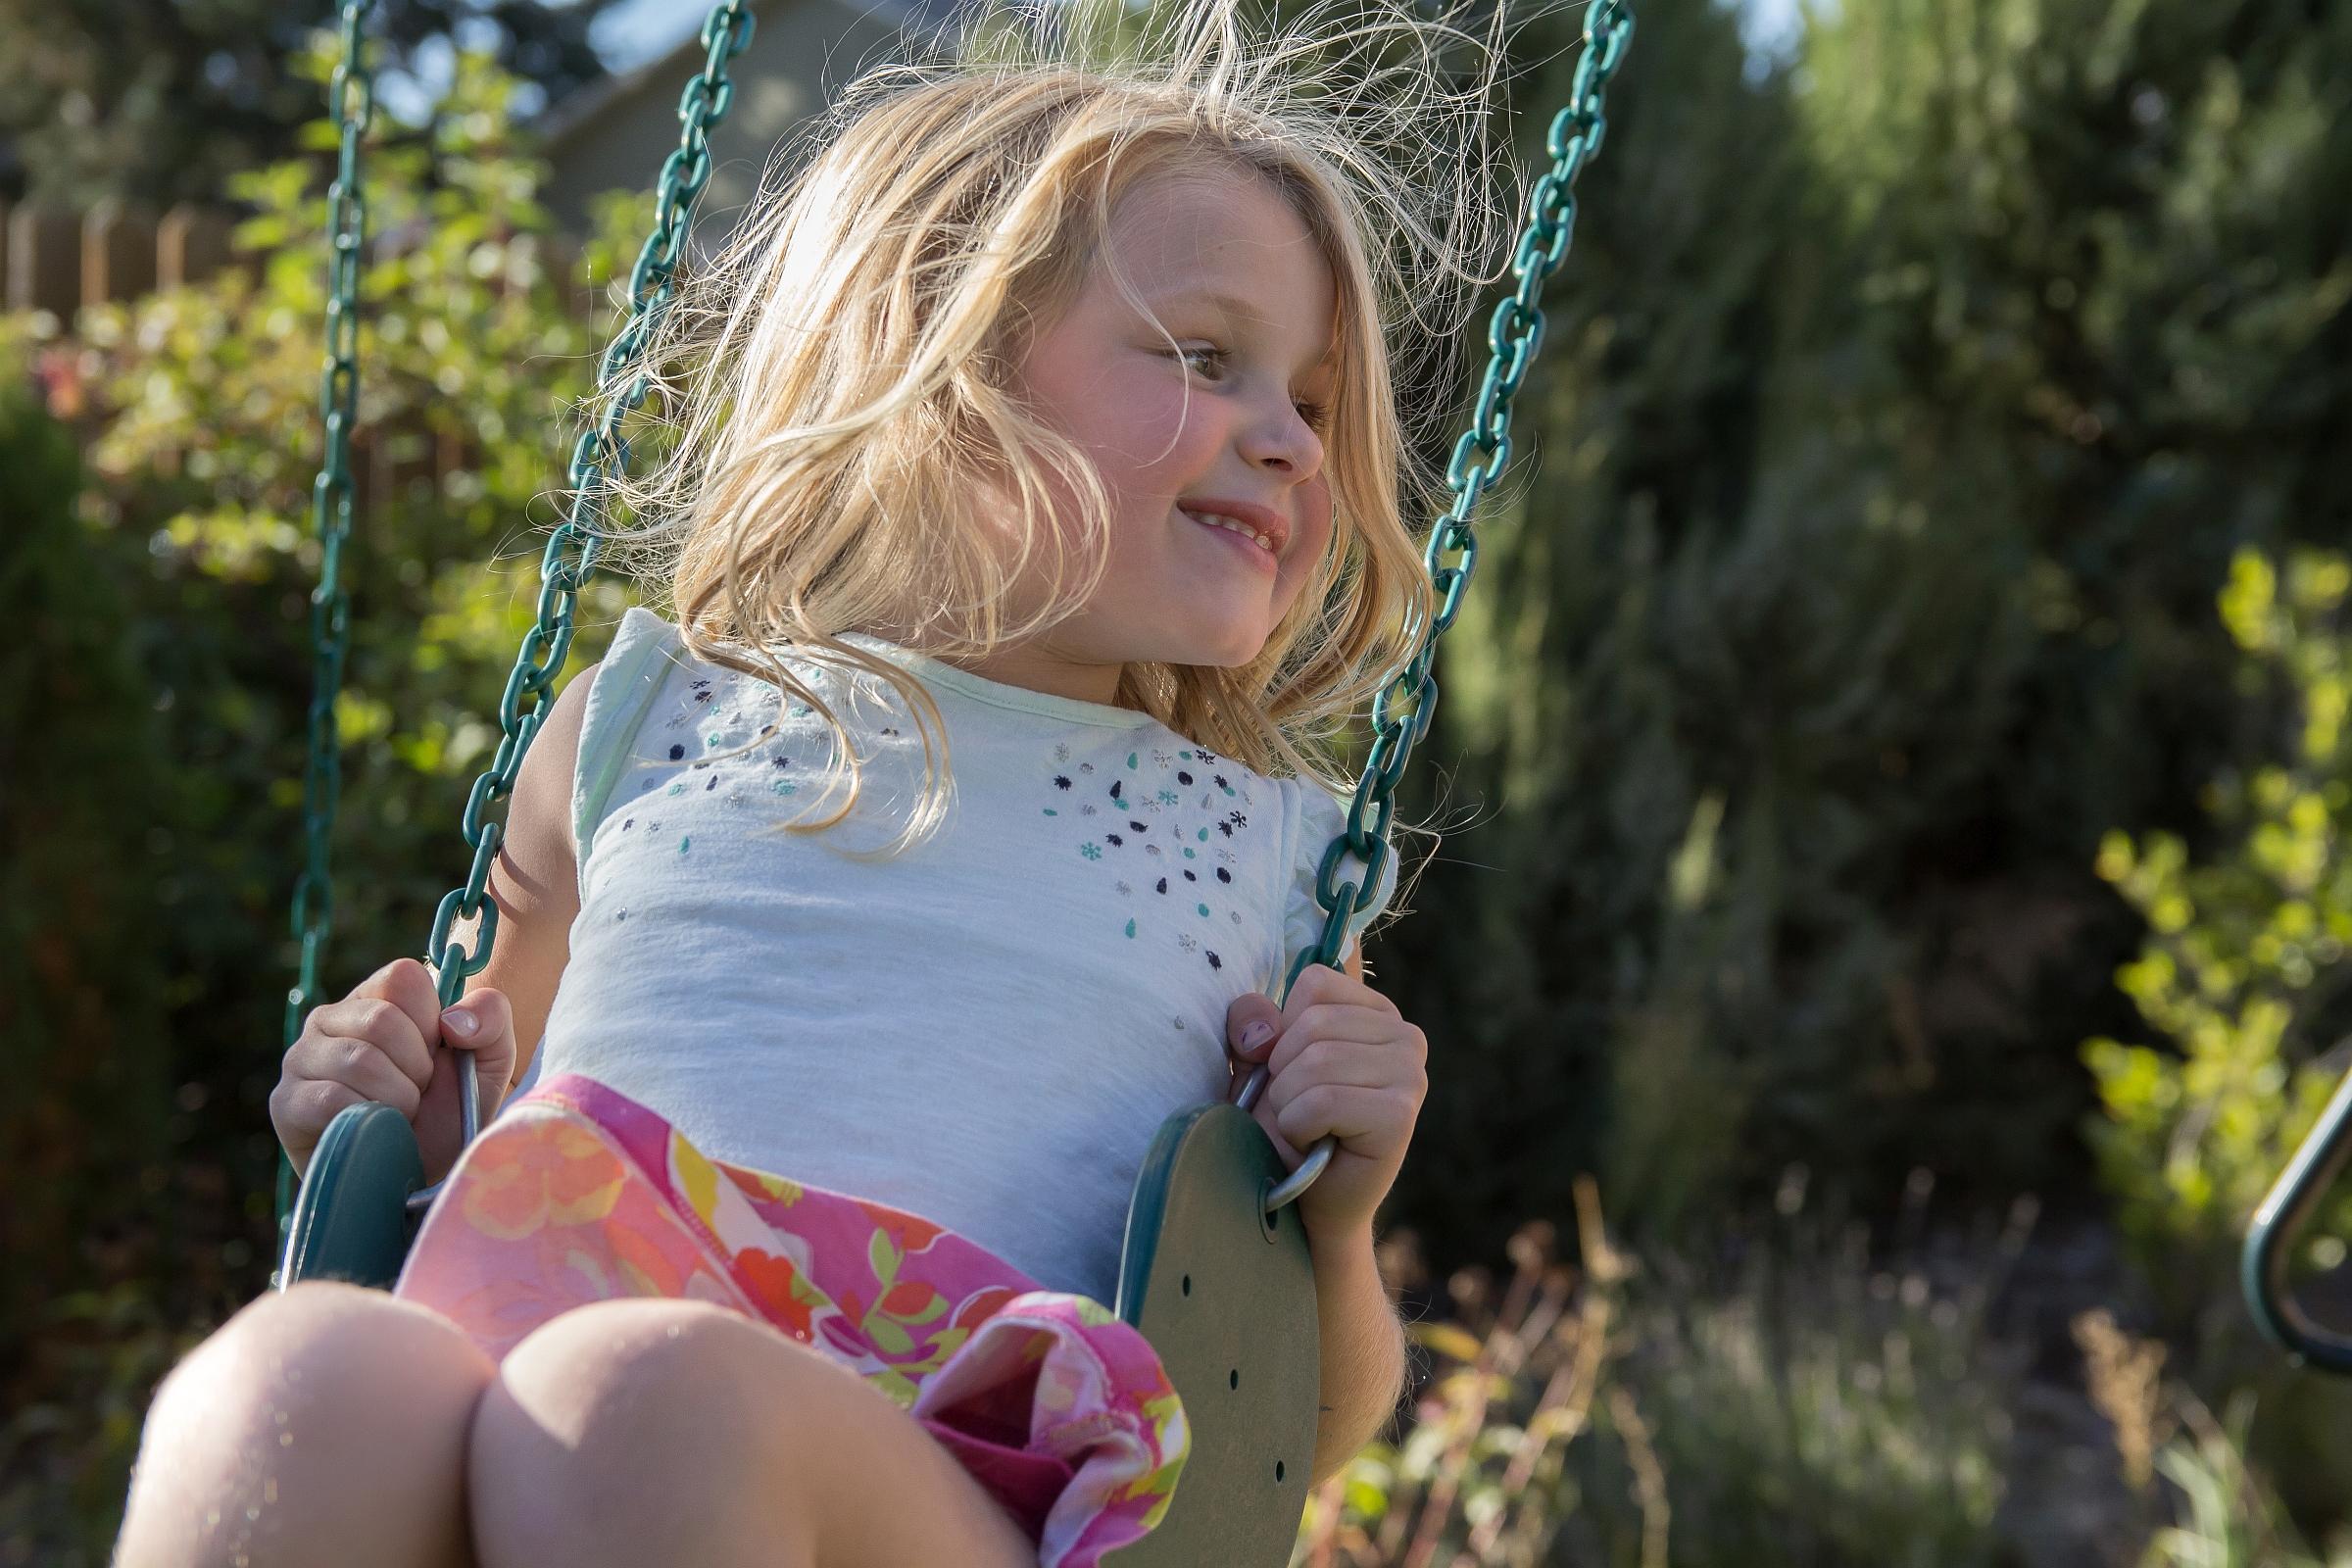 Lauren_swing-1828_resized_8in.jpg